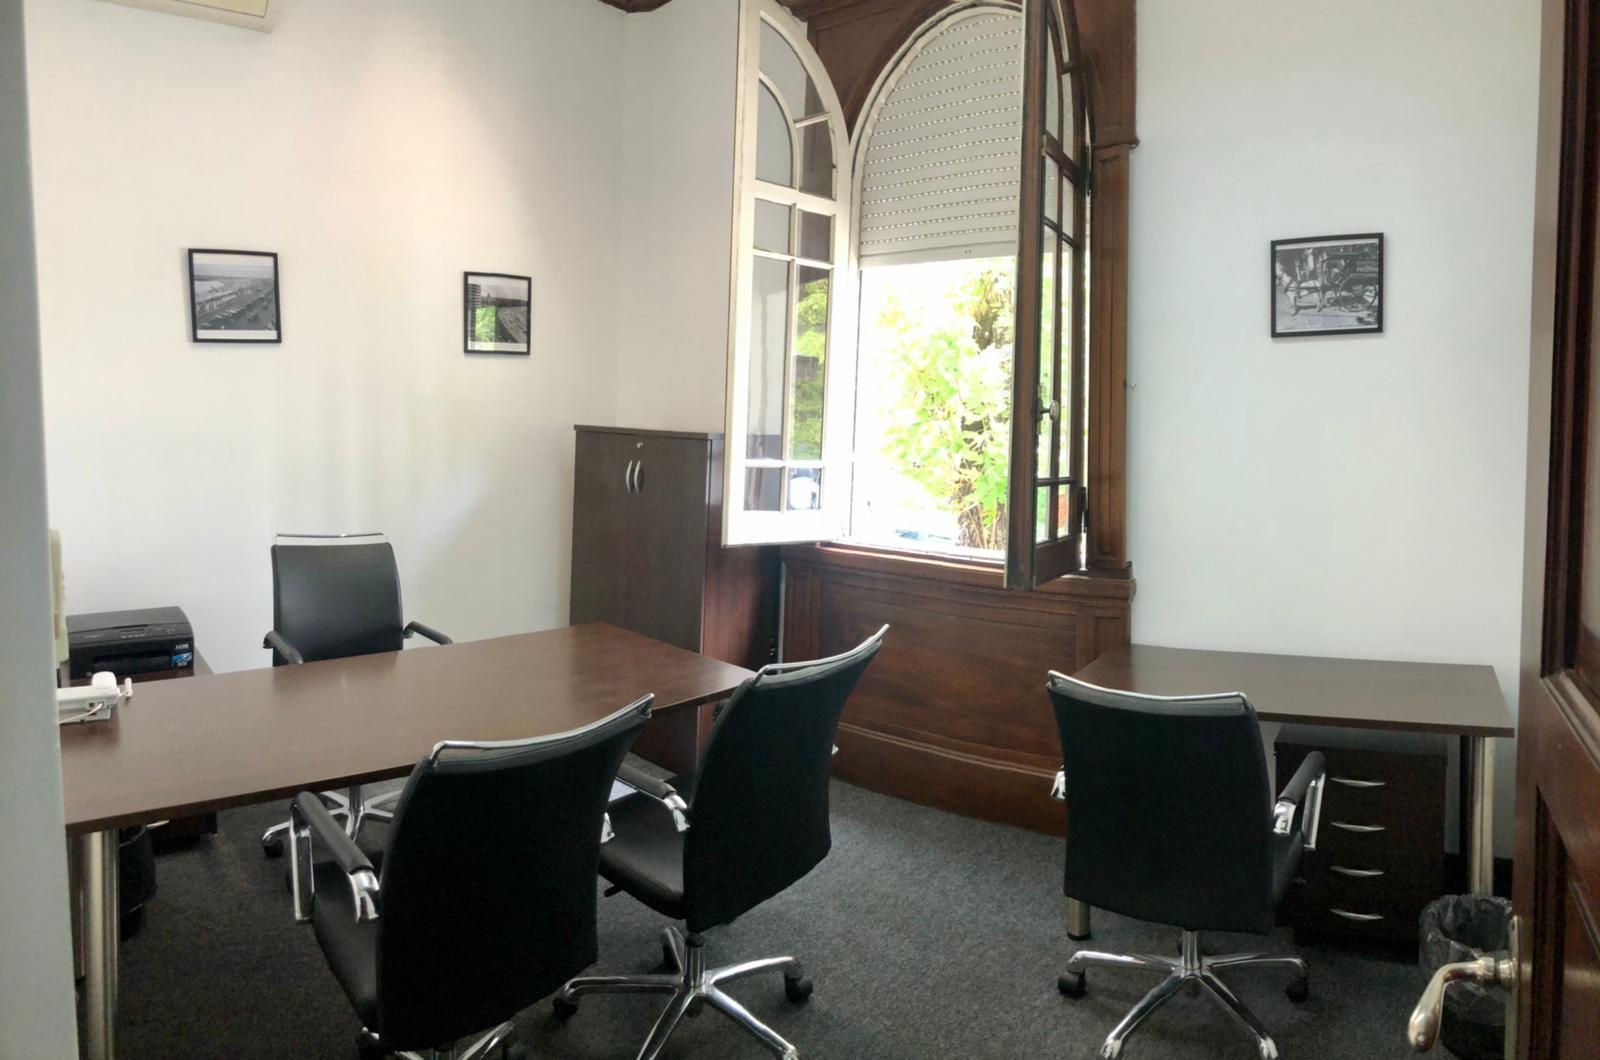 Oficina s01